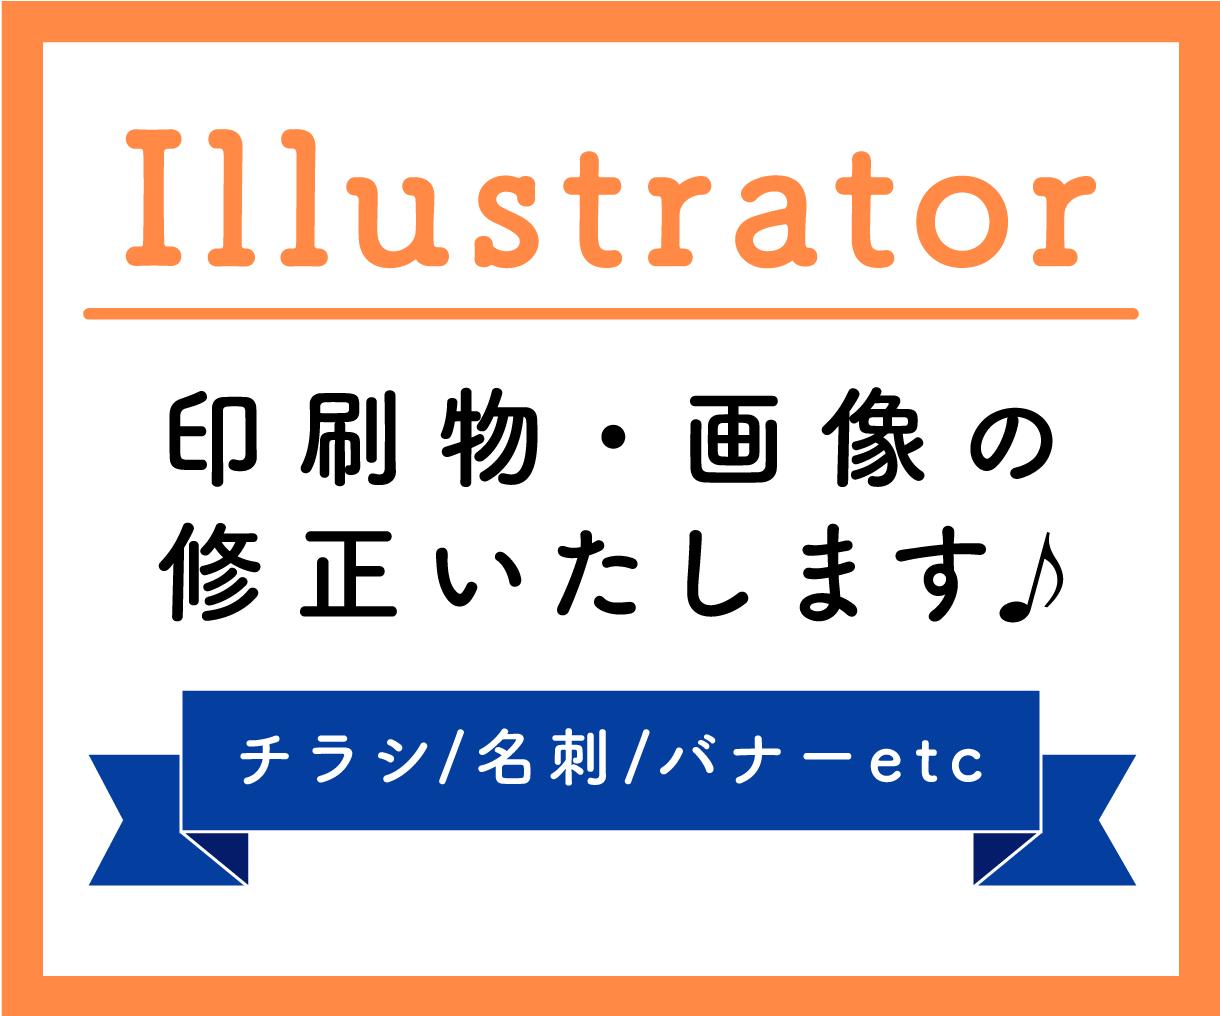 Aiデータ(Illustrator)修正いたします イラレデータの内容変更・修正します!丁寧に対応します♪ イメージ1